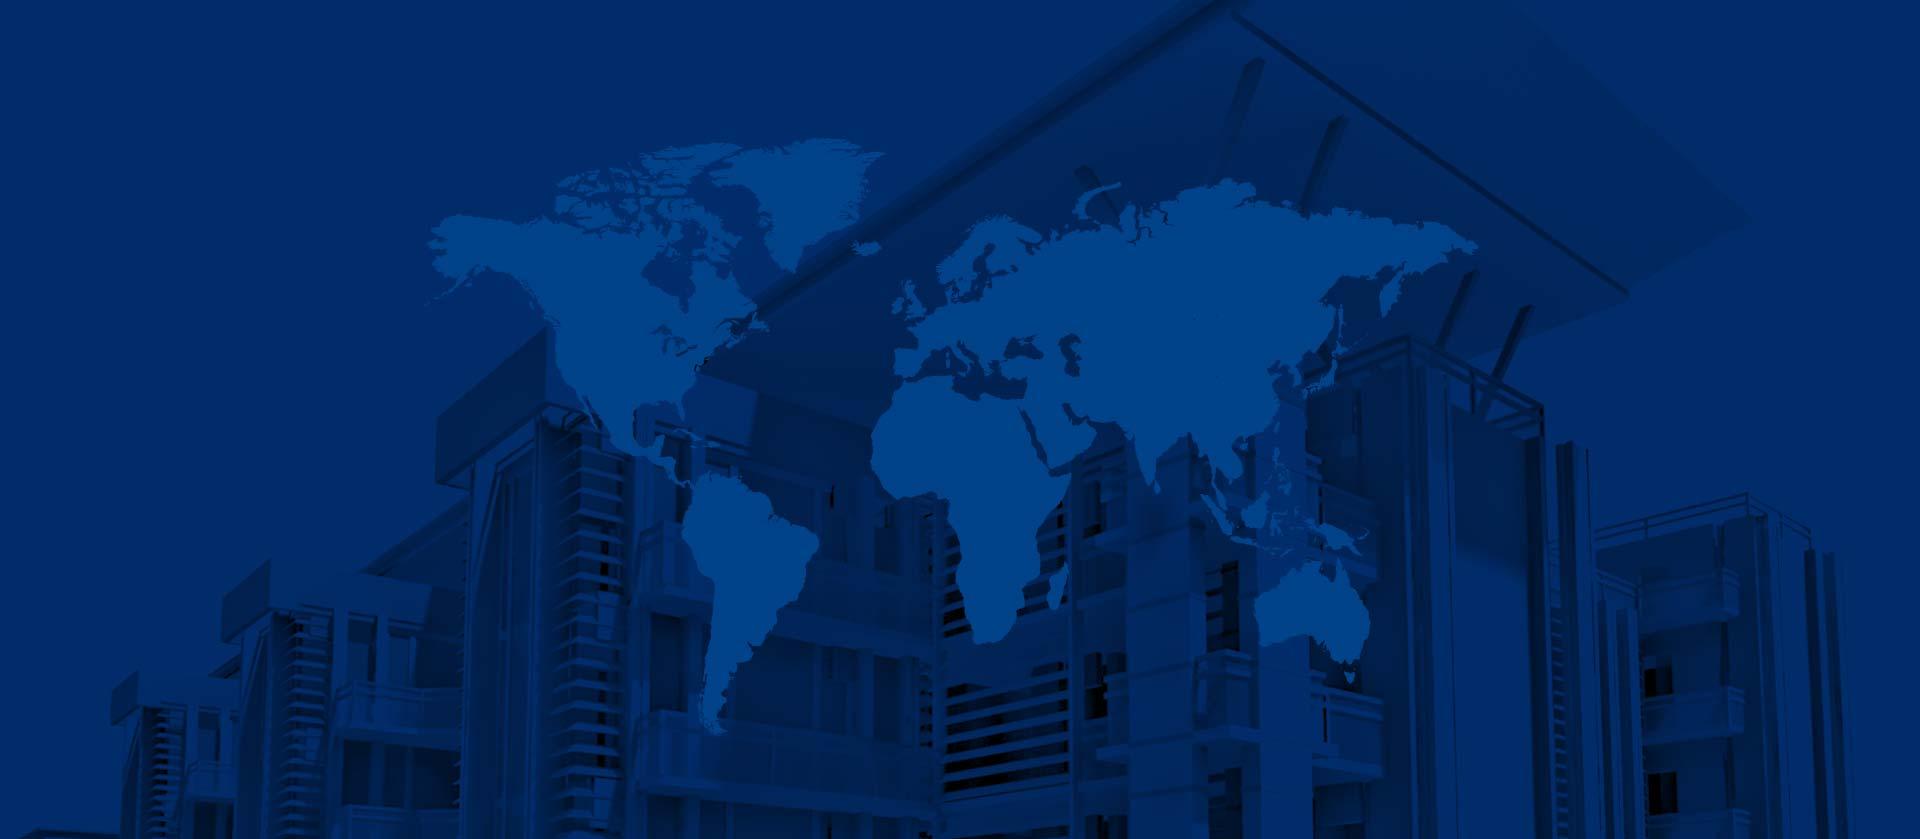 Serviços Integrados de Contabilidade & Consultoria